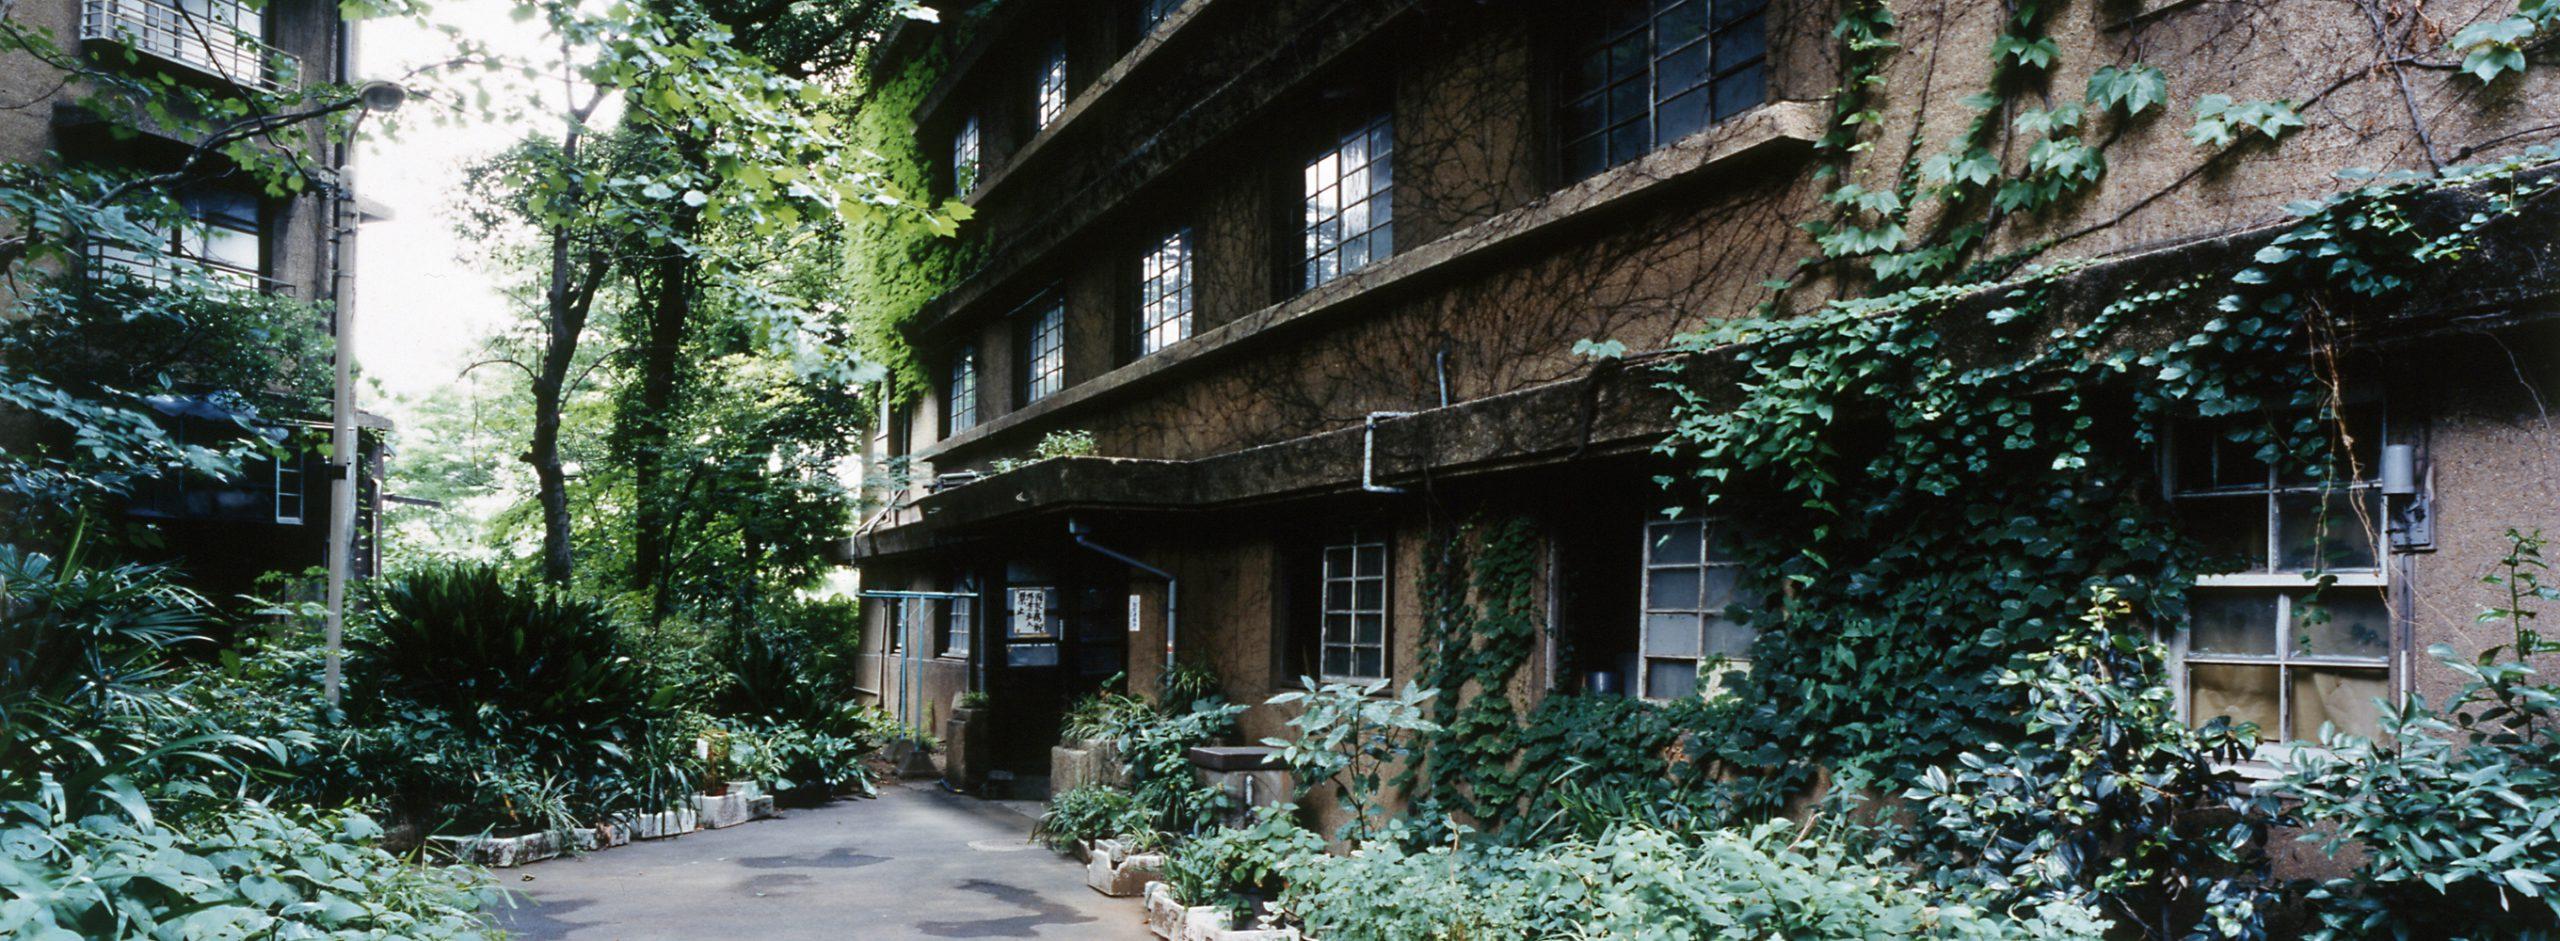 パン工場の香りと同潤会アパートの記憶……泉麻人が綴る「代官山」